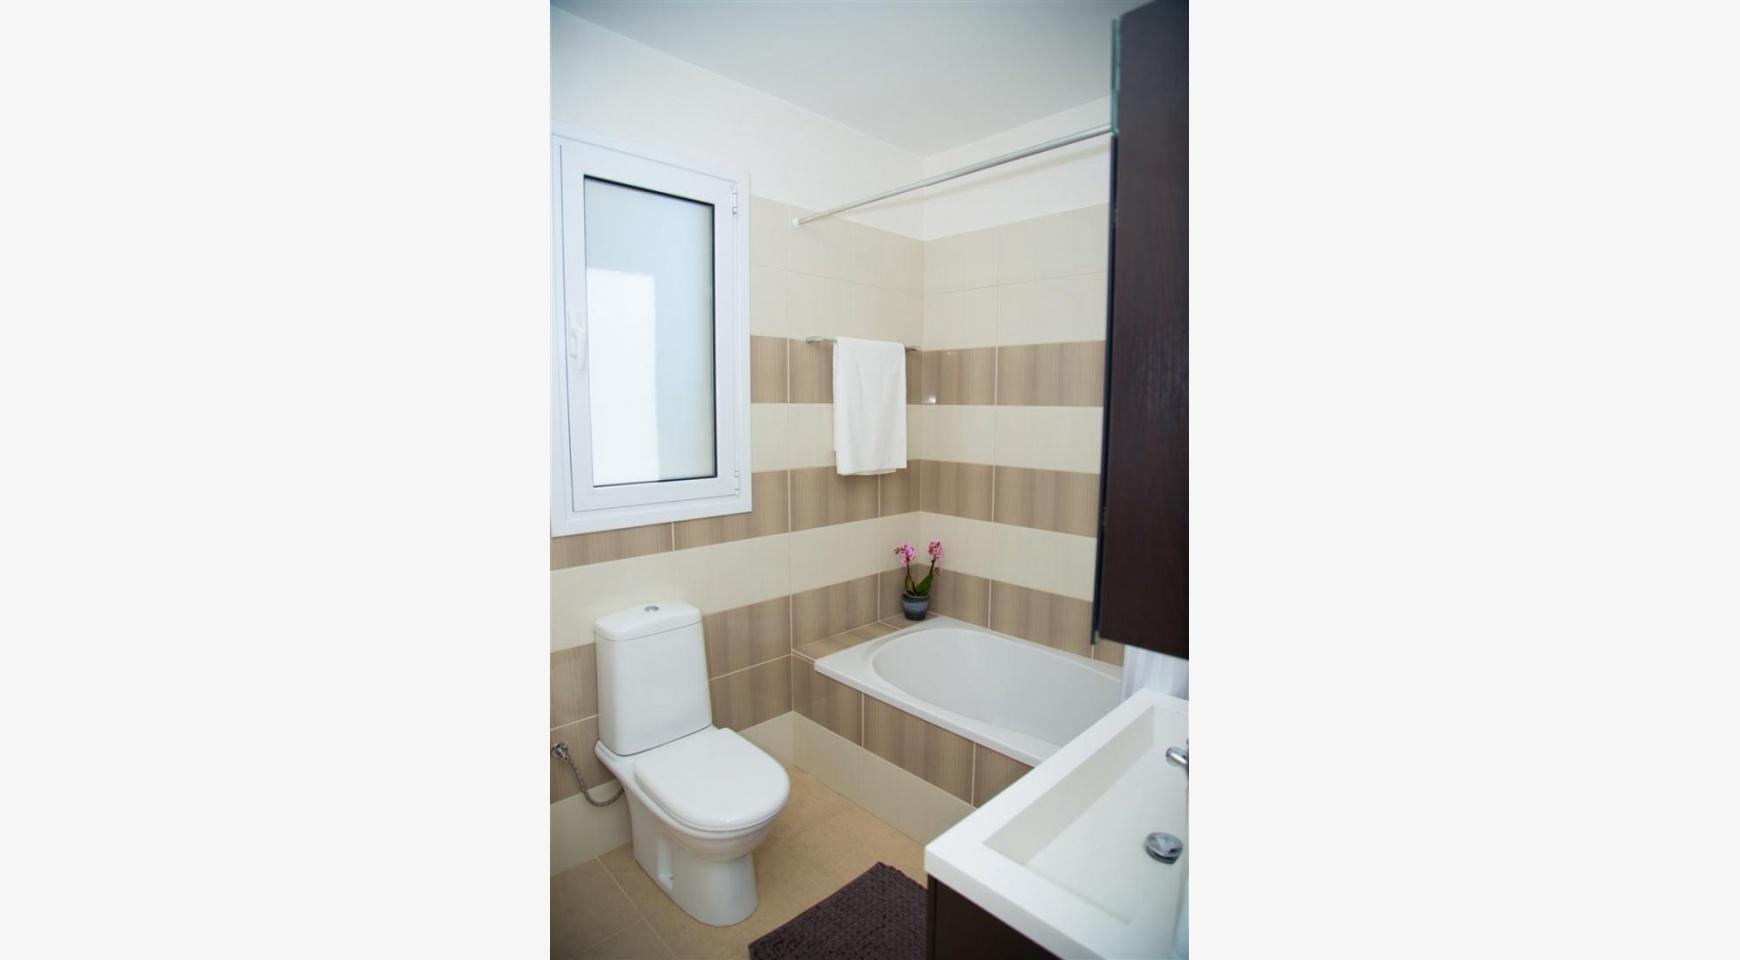 Μοντέρνο διαμέρισμα 2 υπνοδωματίων στην περιοχή Ποταμός Γερμασόγειας - 15